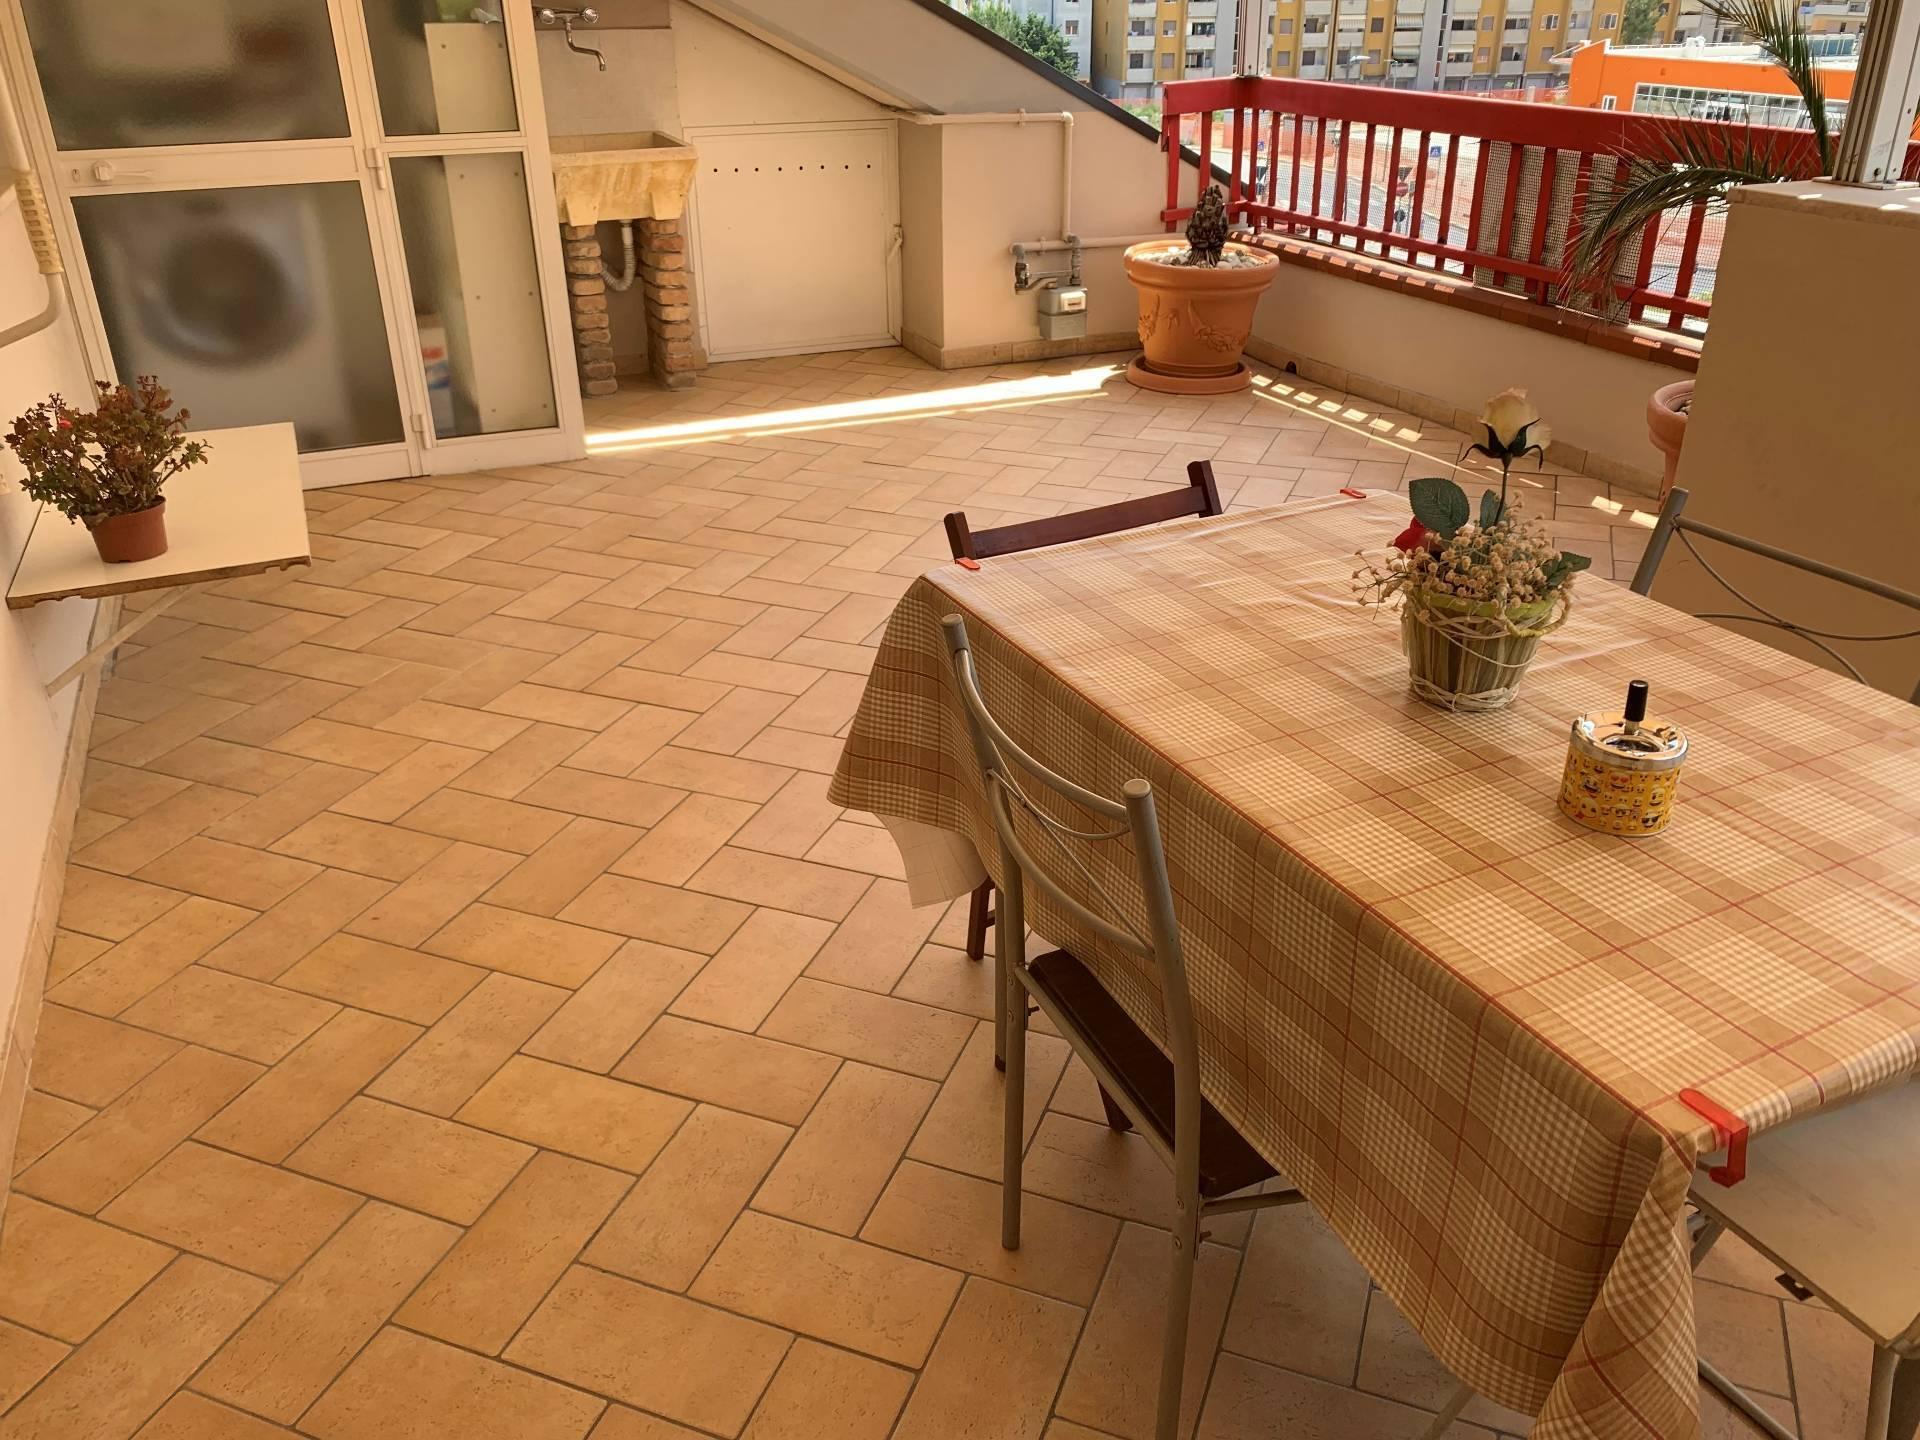 Appartamento in vendita a Monteprandone, 3 locali, zona Località: CENTOBUCHI(sopralaSalaria, prezzo € 110.000   PortaleAgenzieImmobiliari.it